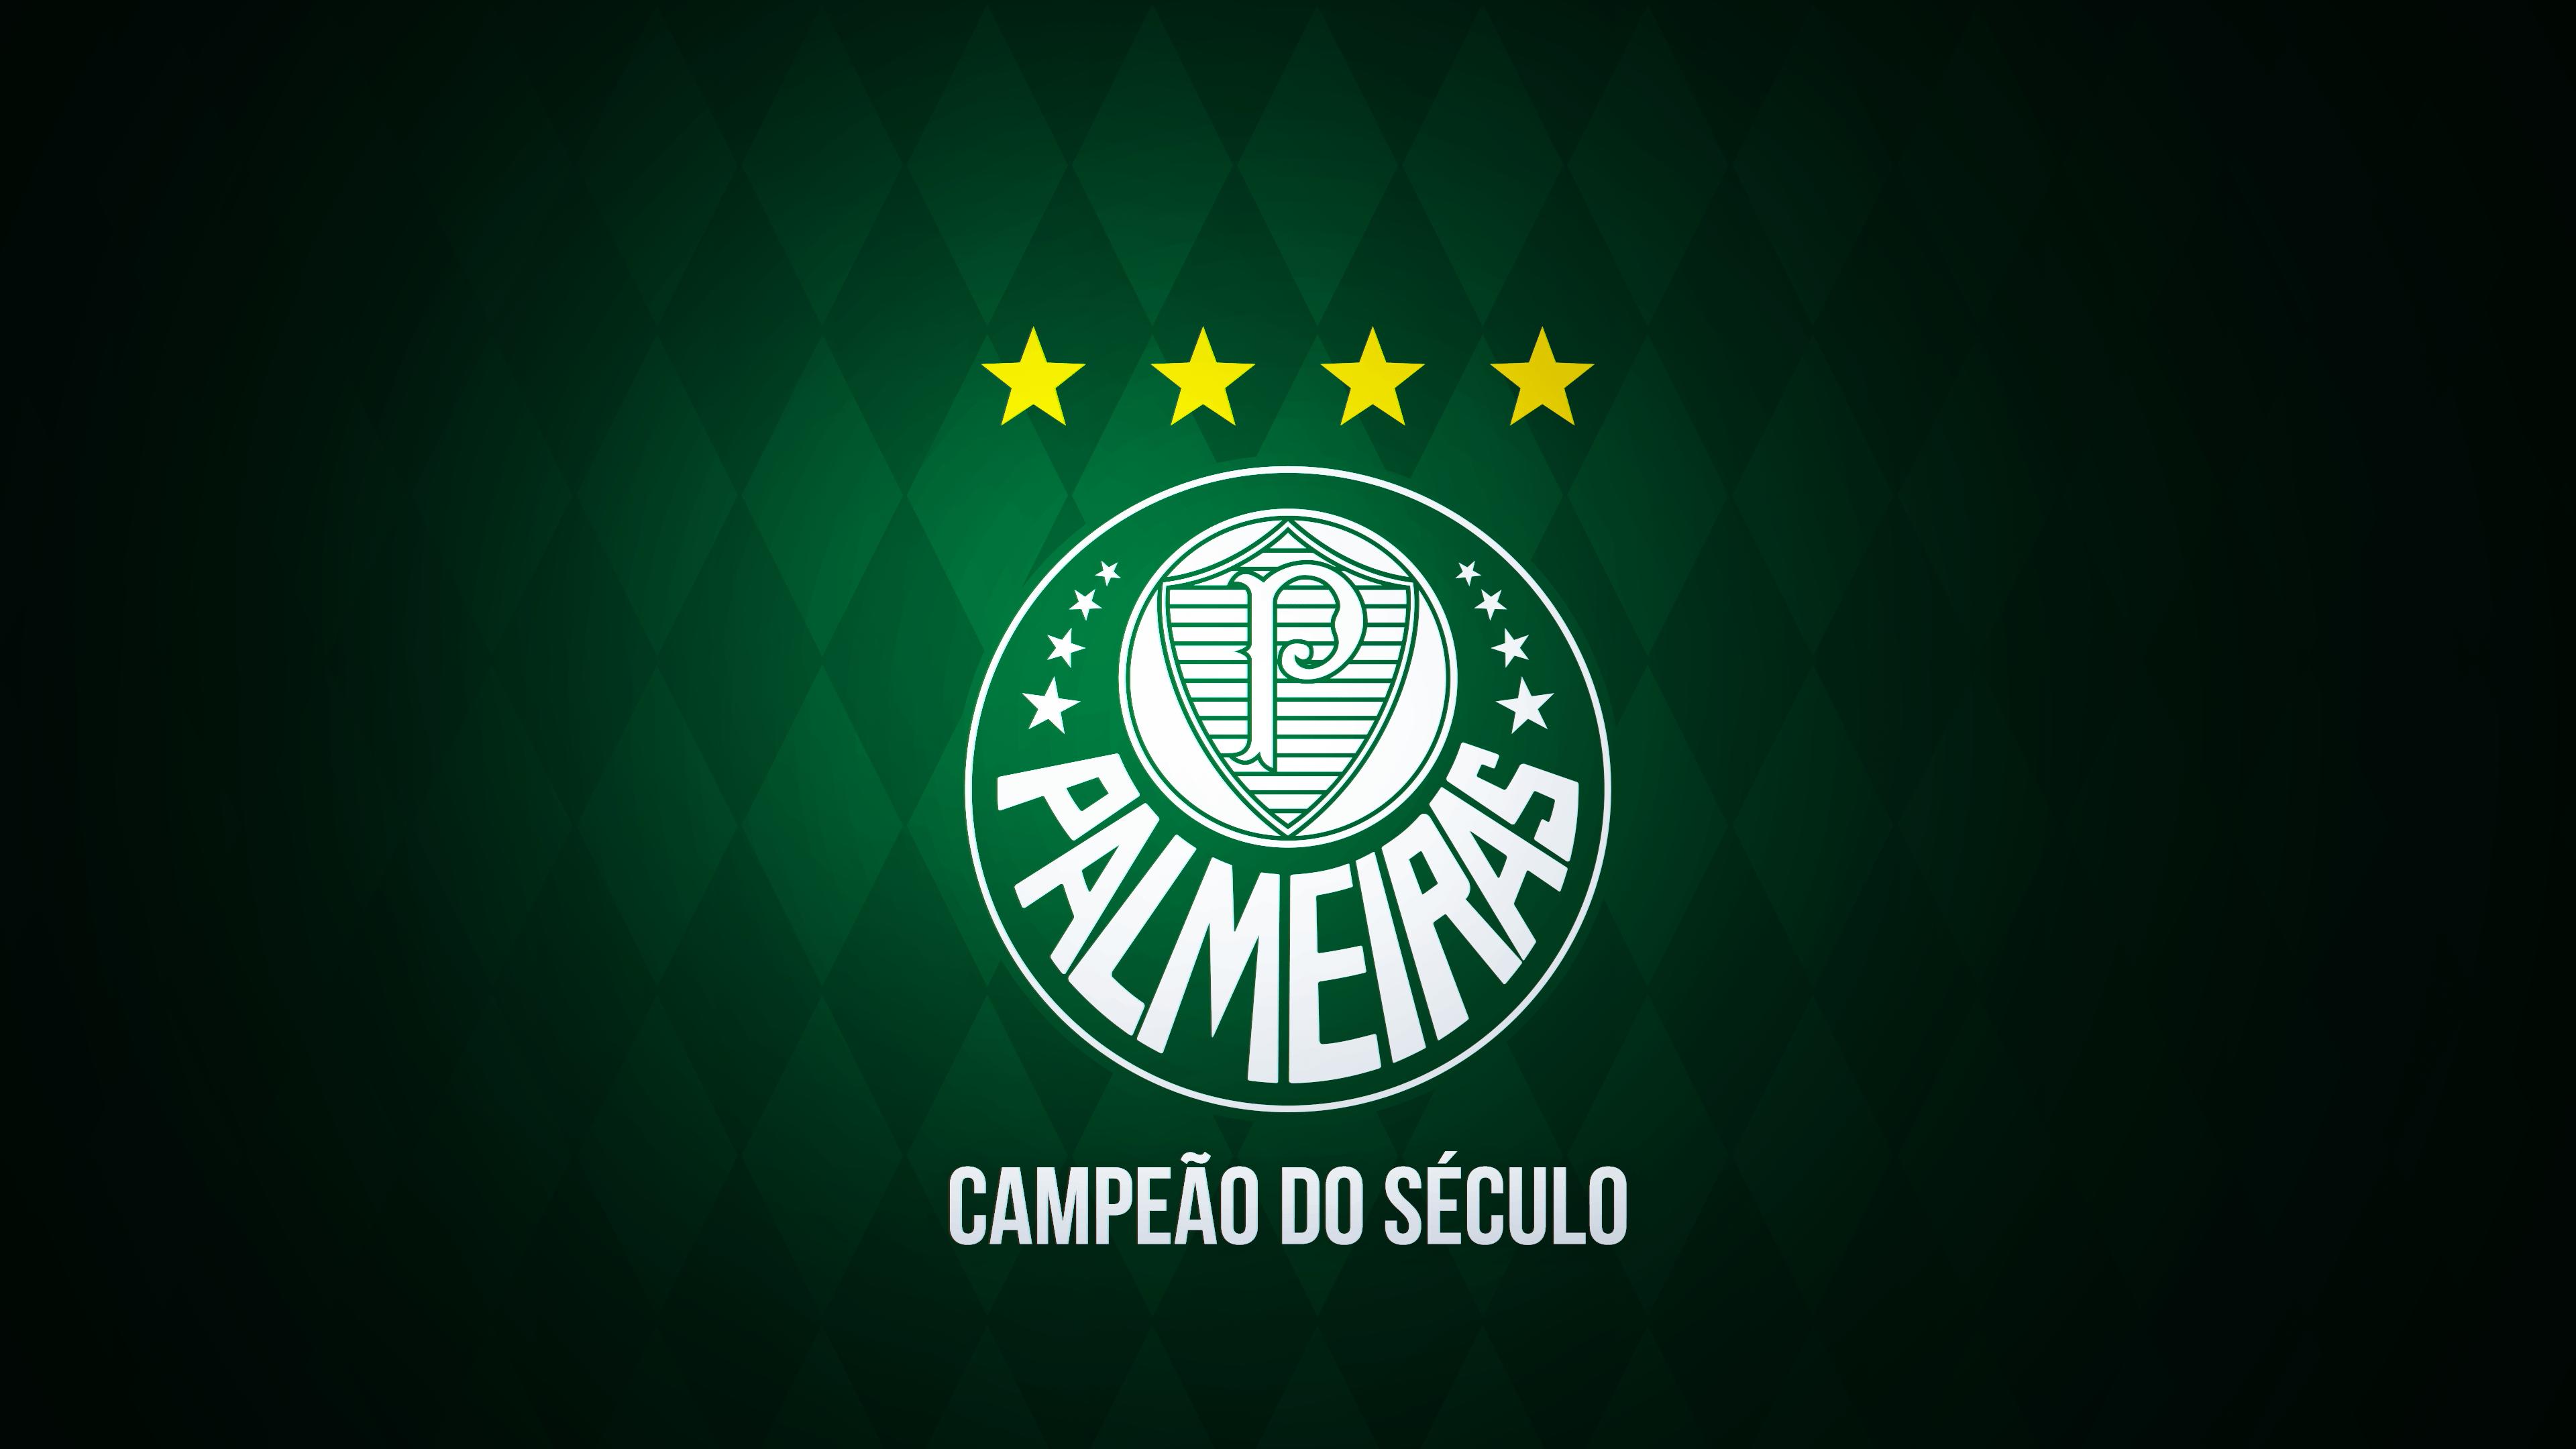 Palmeiras Wallpapers